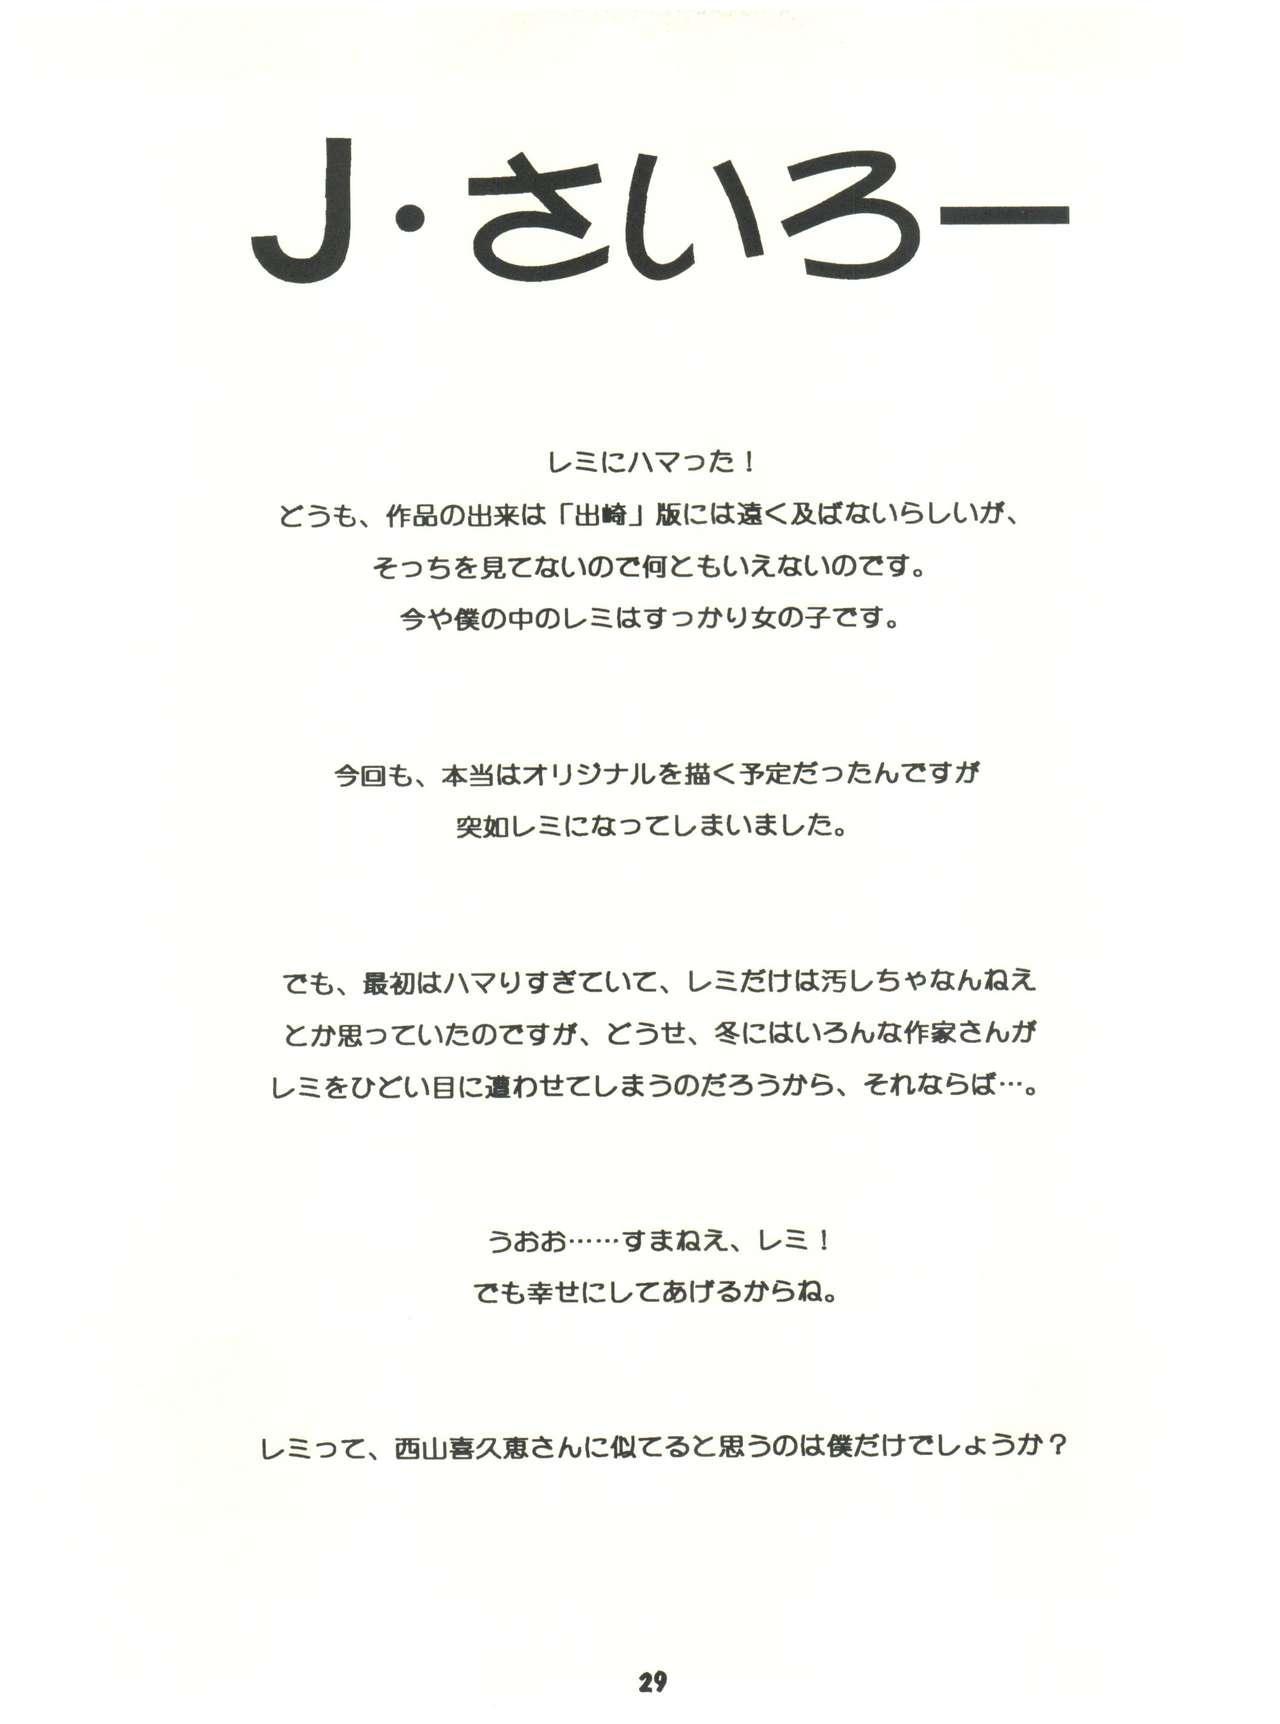 [Sairo Publishing (J. Sairo) En-Jack 2 (Various) 28